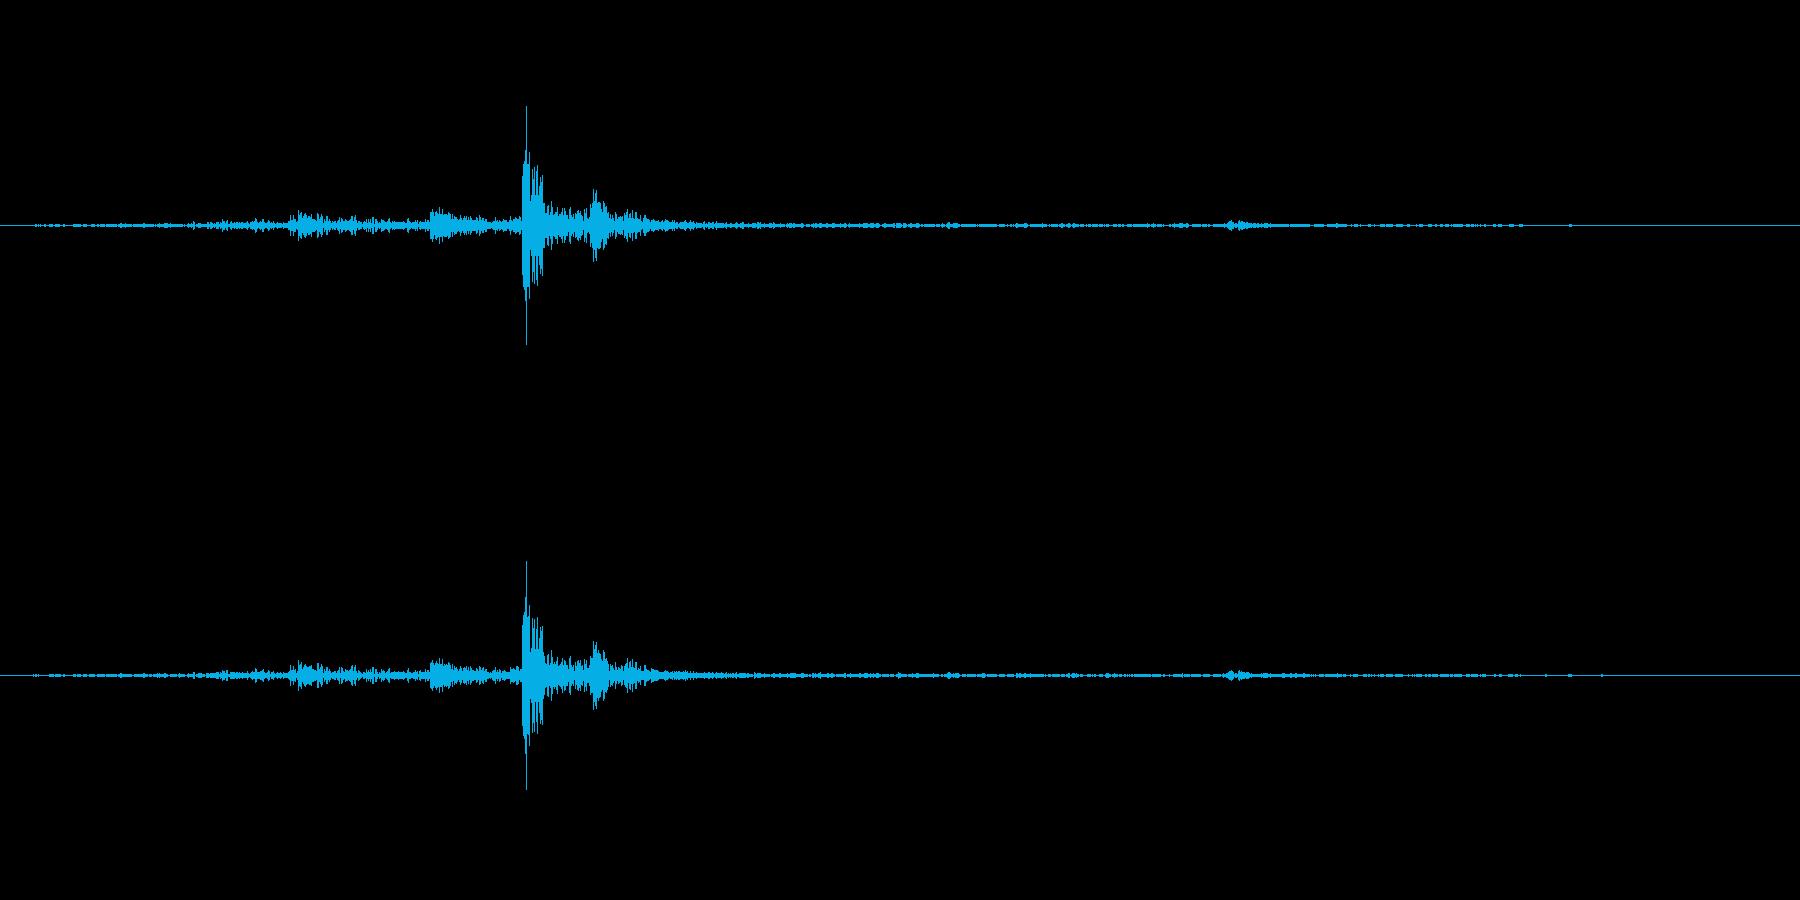 かりっ。クリック音です。の再生済みの波形